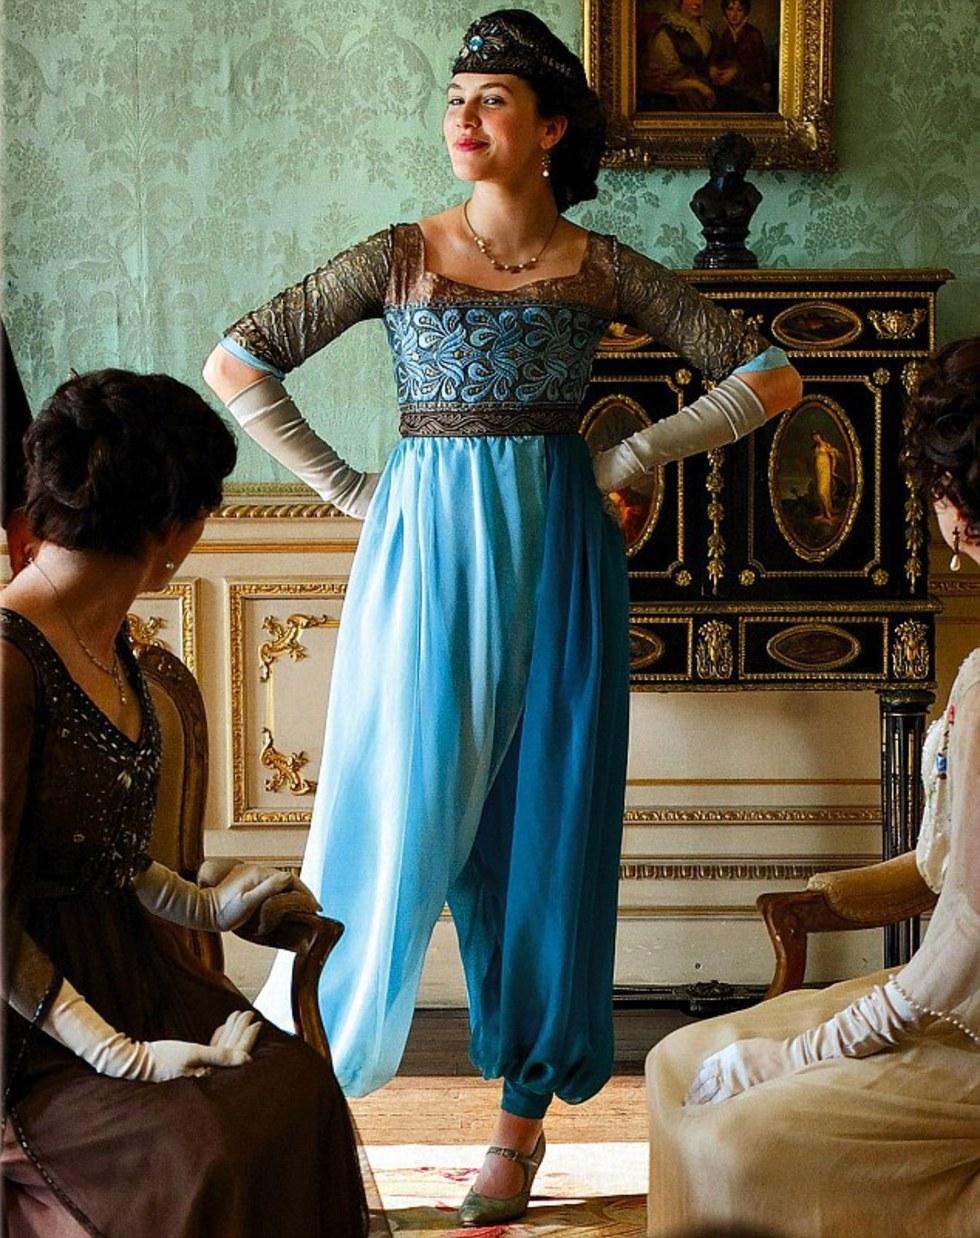 Lady Sybil rövid szereplése is tartogatott meglepetéseket